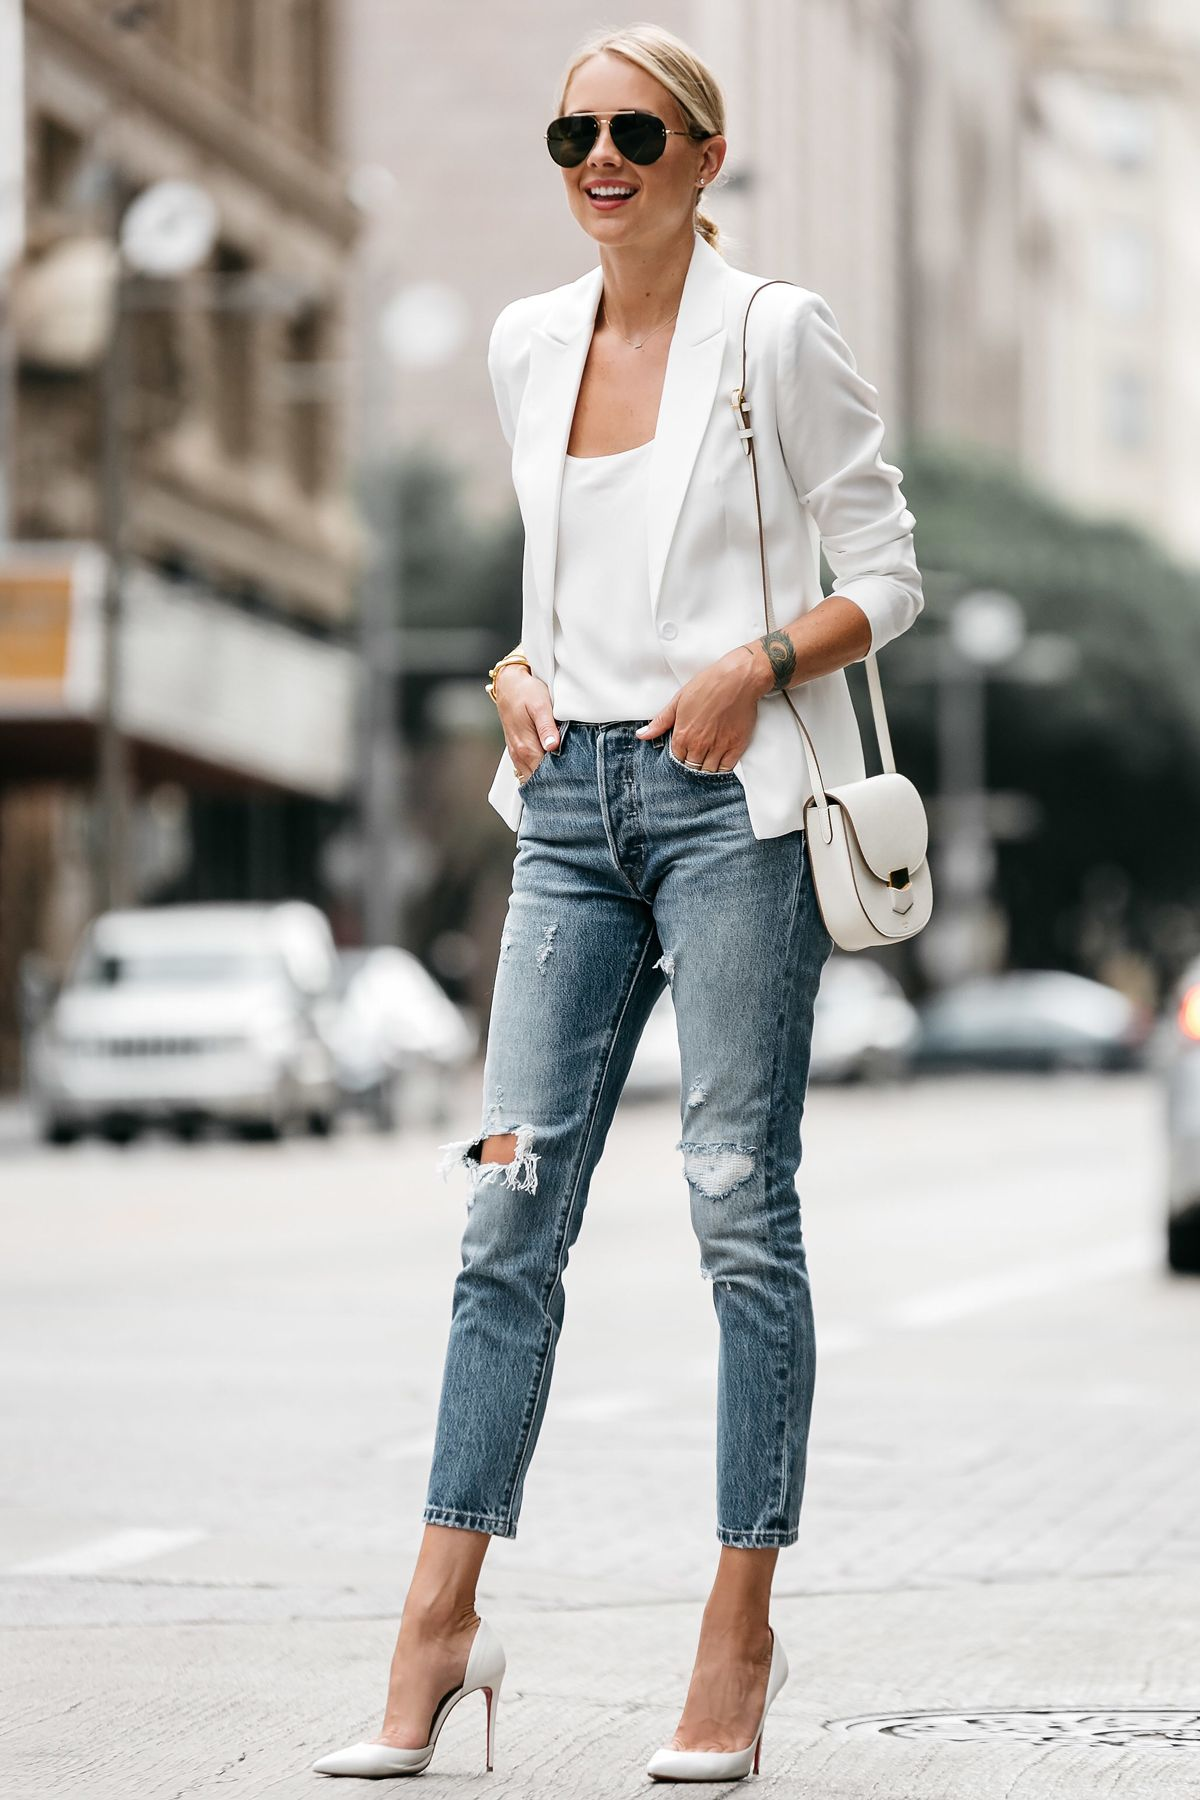 تسوقي أجمل موديلات جاكيت بليزر باللون الأبيض